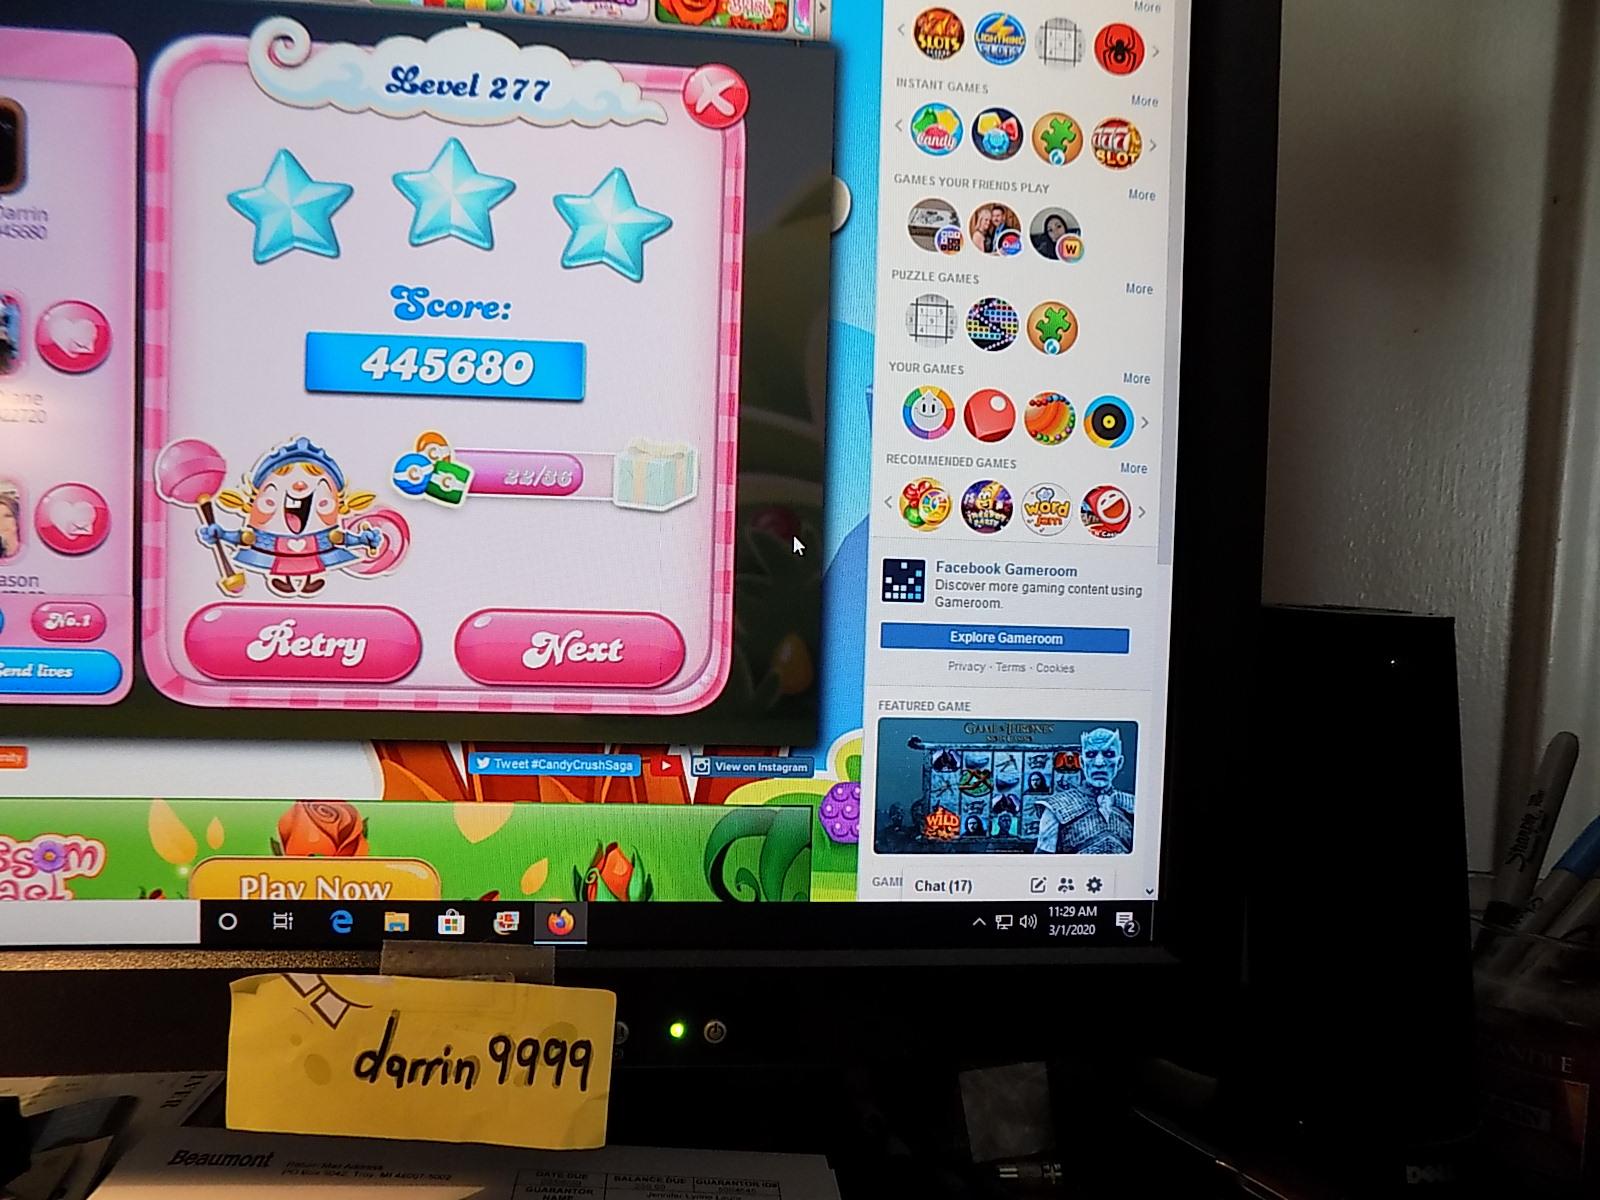 darrin9999: Candy Crush Saga: Level 277 (Web) 445,680 points on 2020-03-08 07:28:43